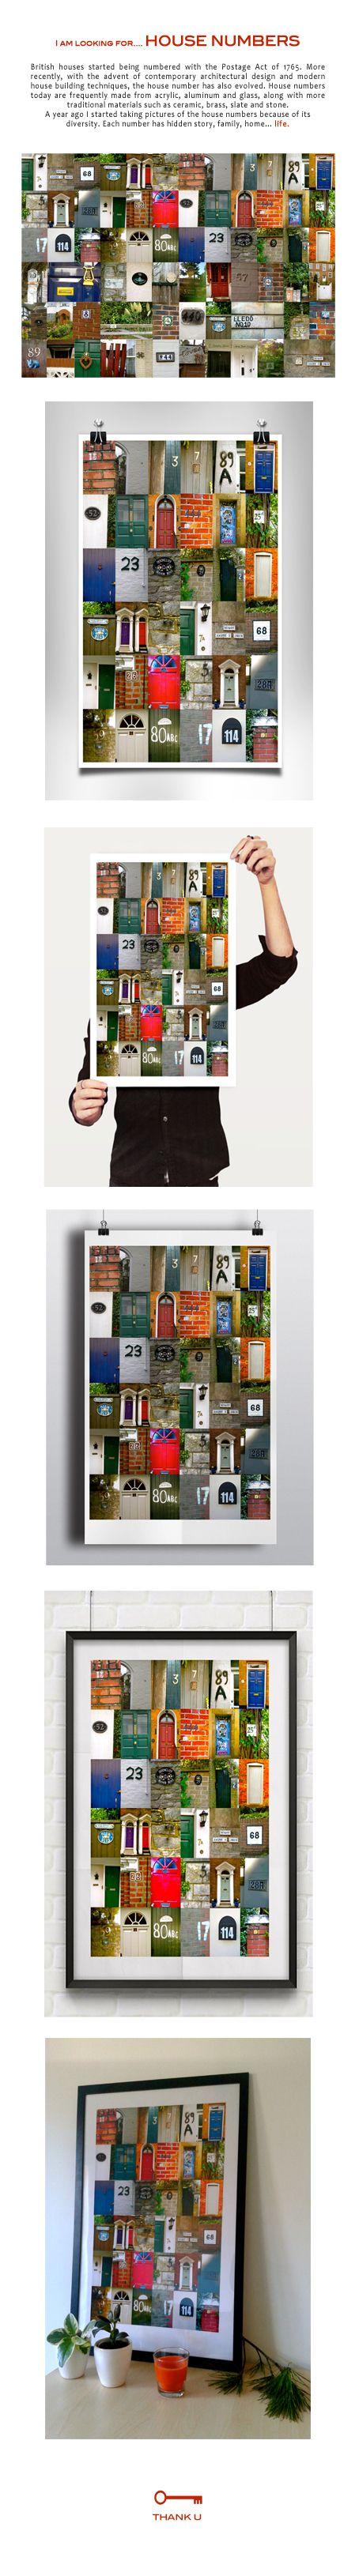 House Numbers by Iv. Slosarova, via Behance